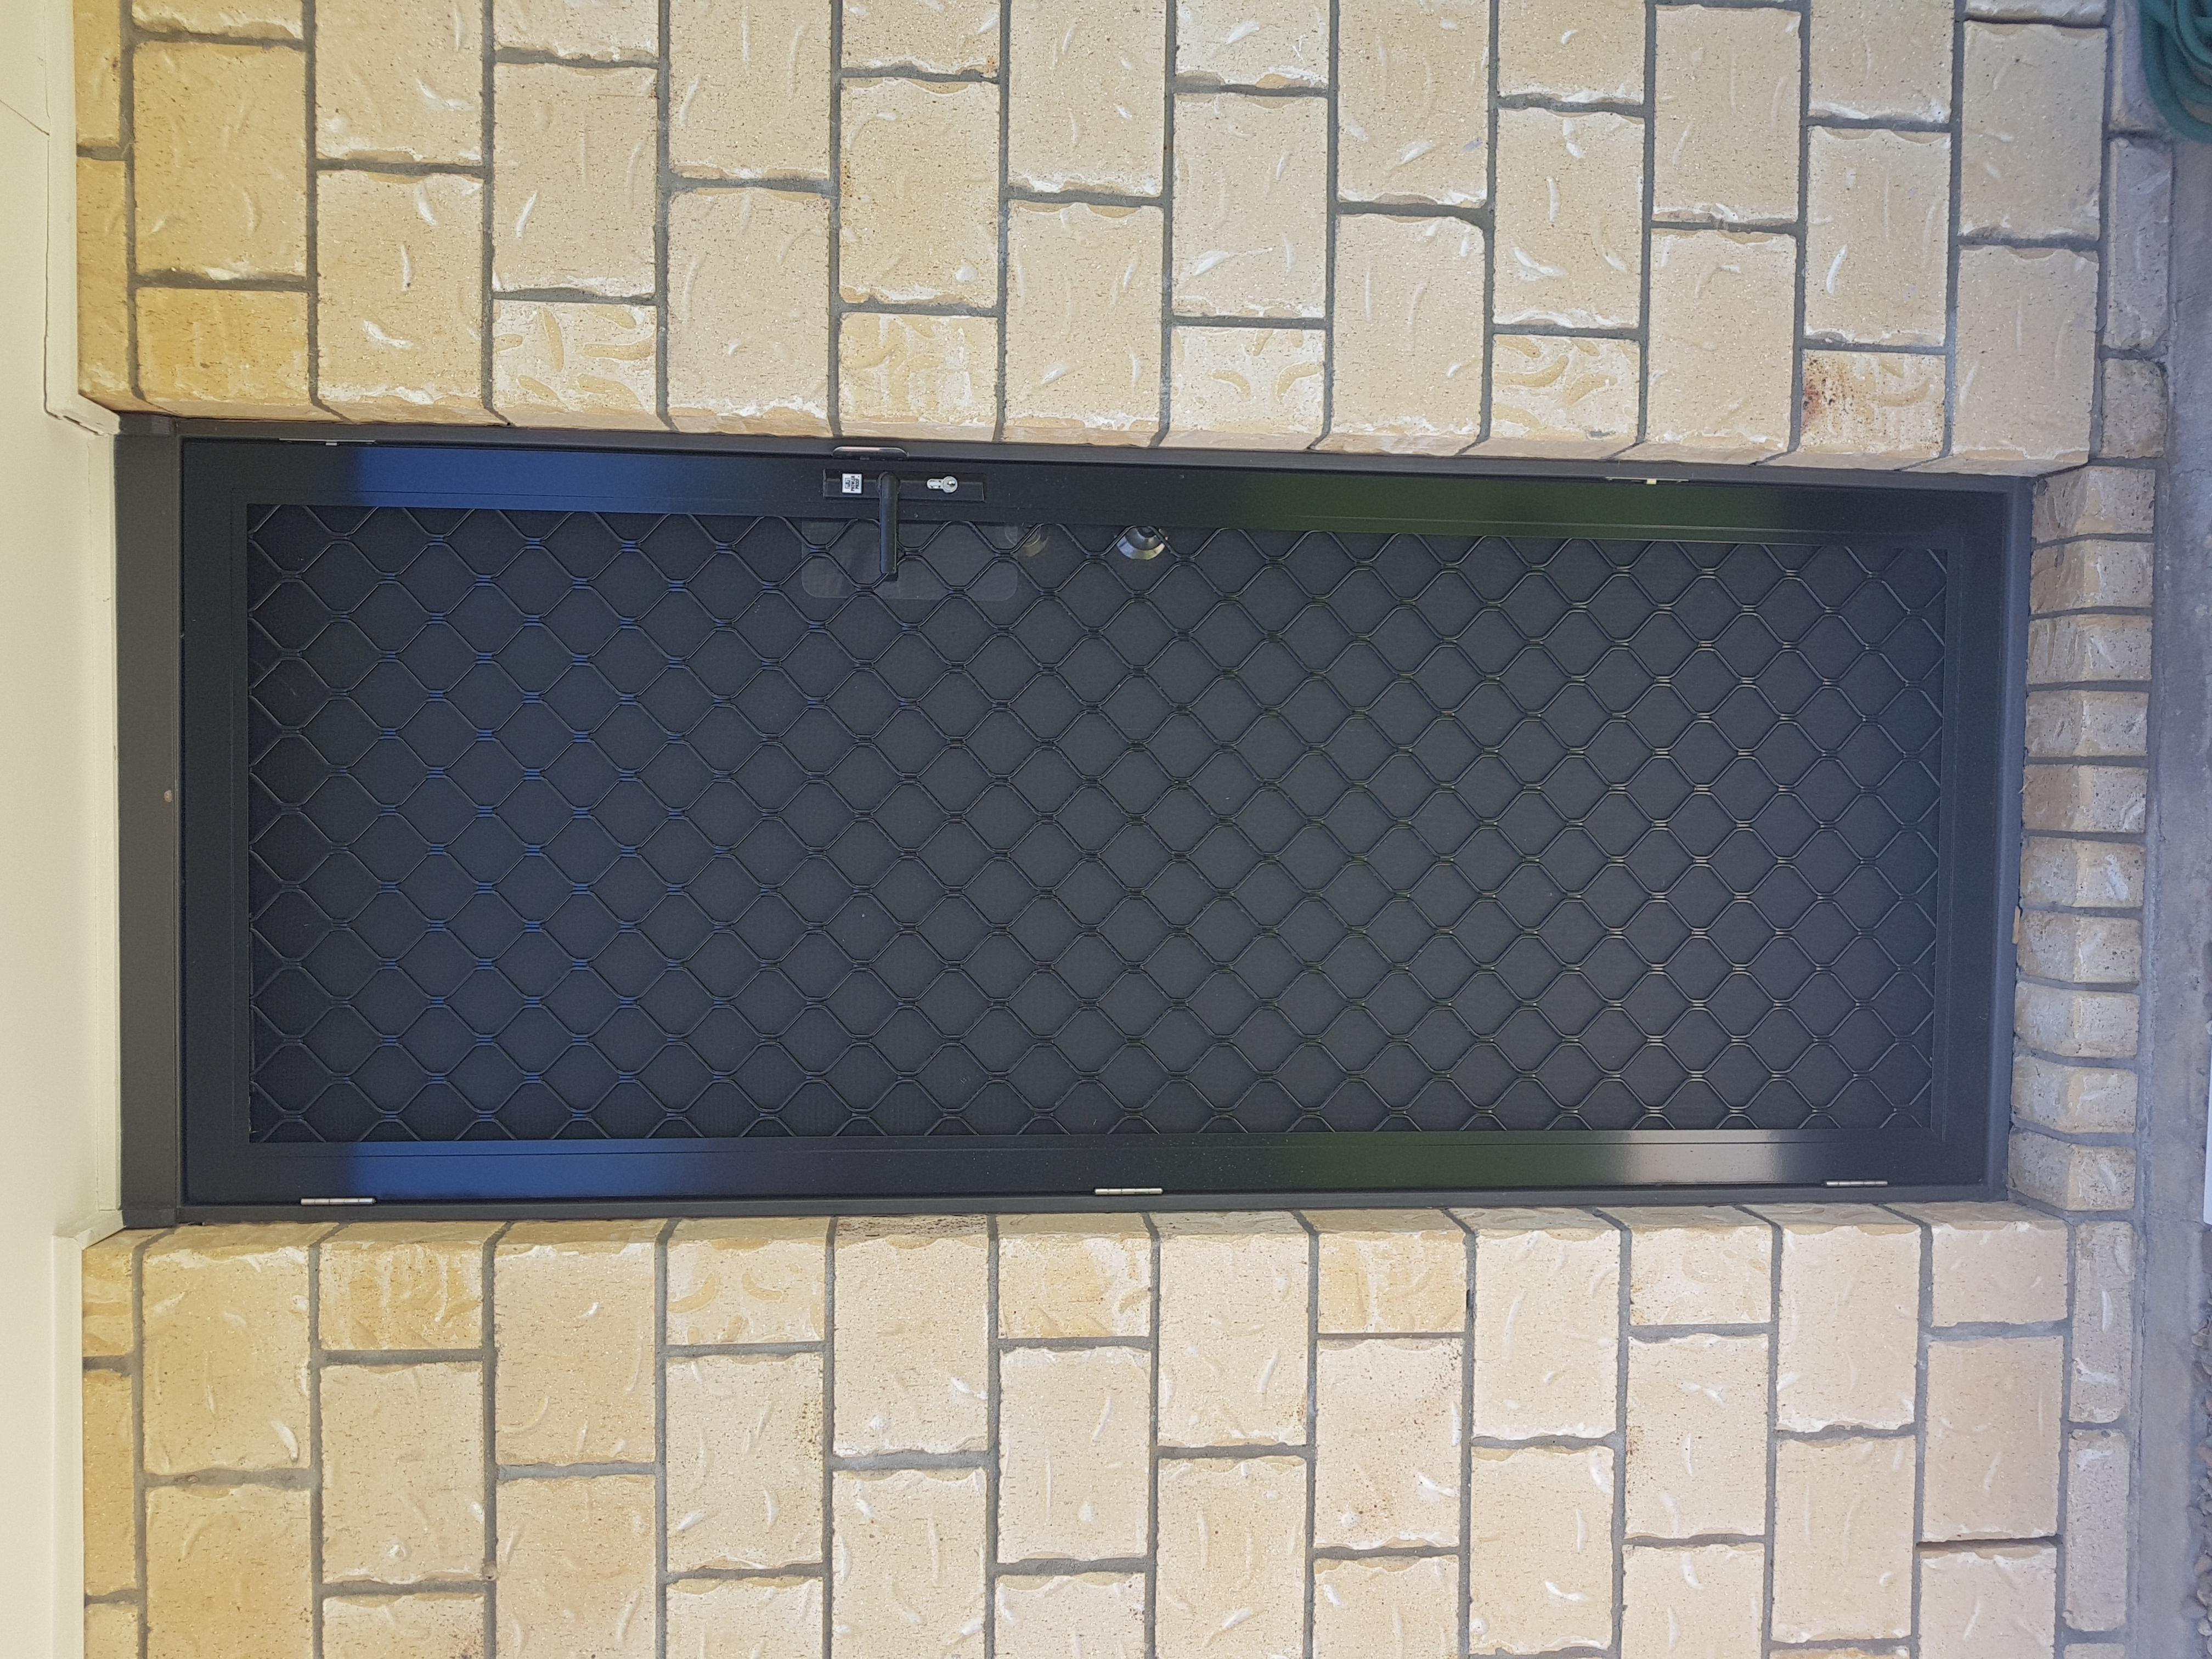 Black security door, Warner